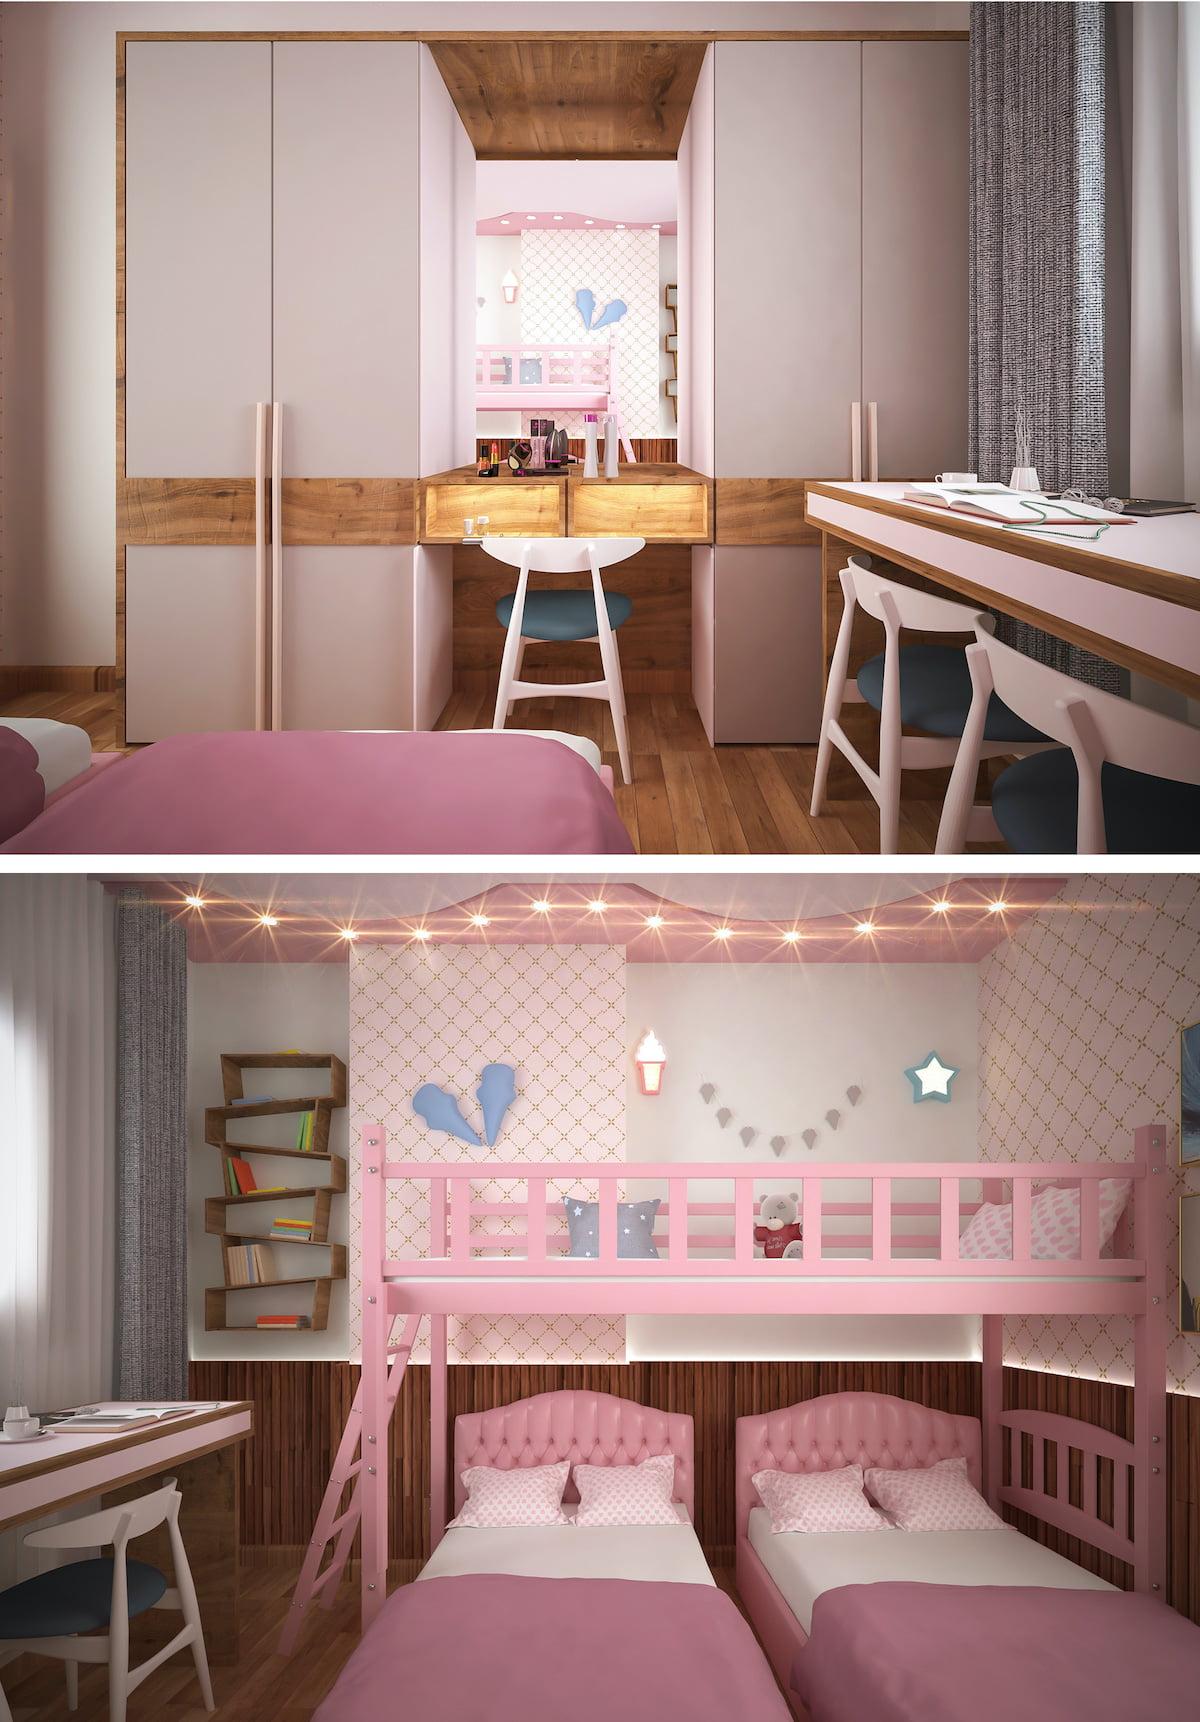 детская комната для девочки фото 25